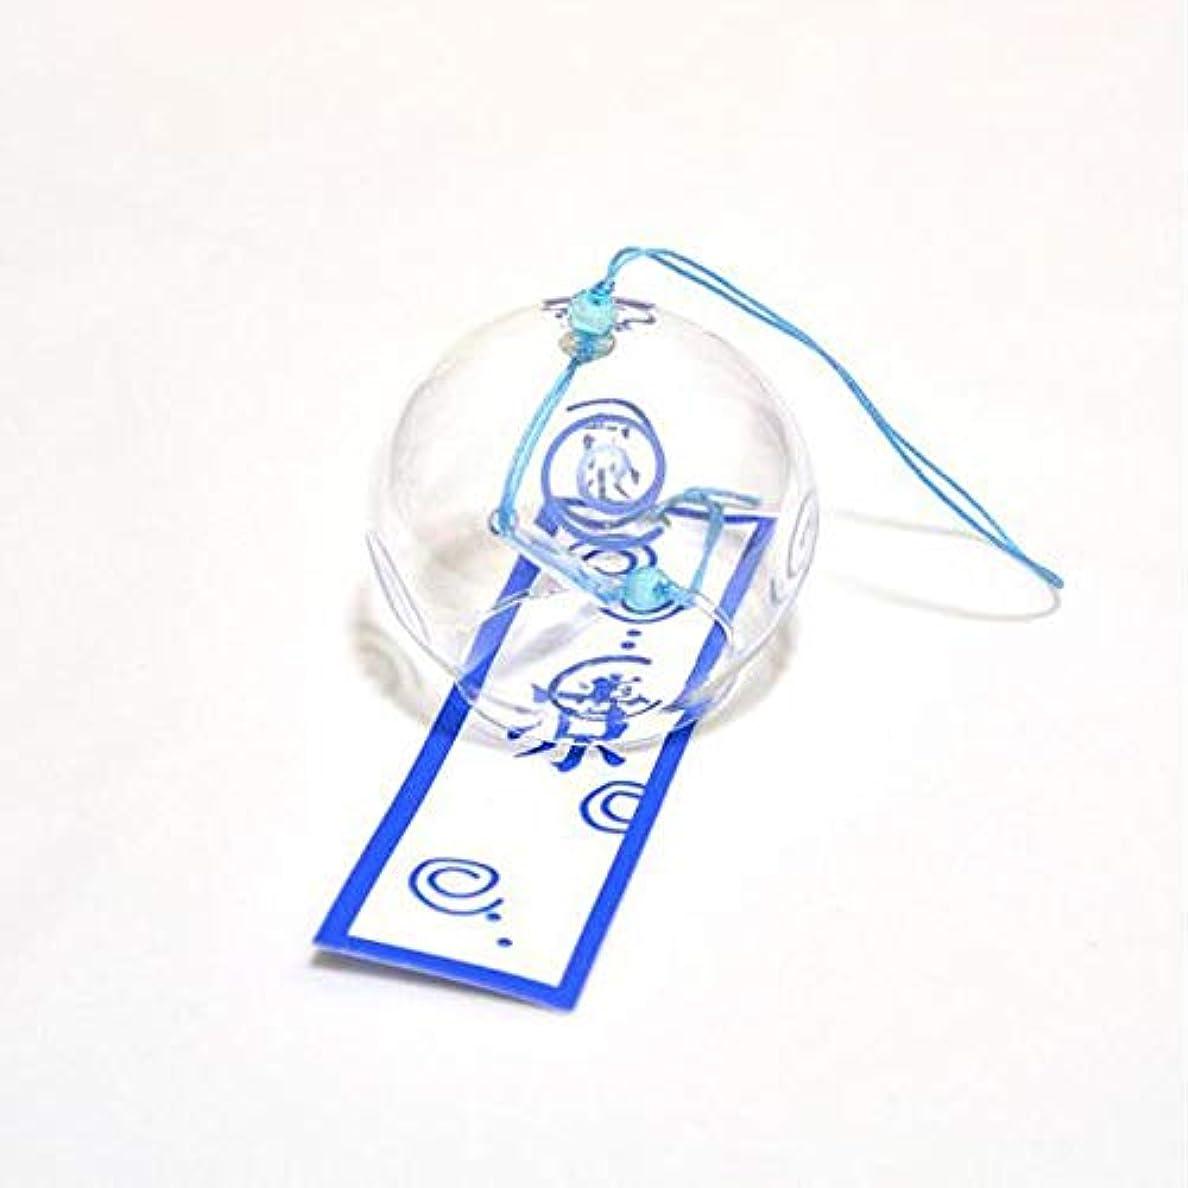 によって未使用価値のないYougou01 風チャイム、手描きのグラス風チャイム、透明、サイズ6 * 7CM 、創造的な装飾 (Color : Blue)